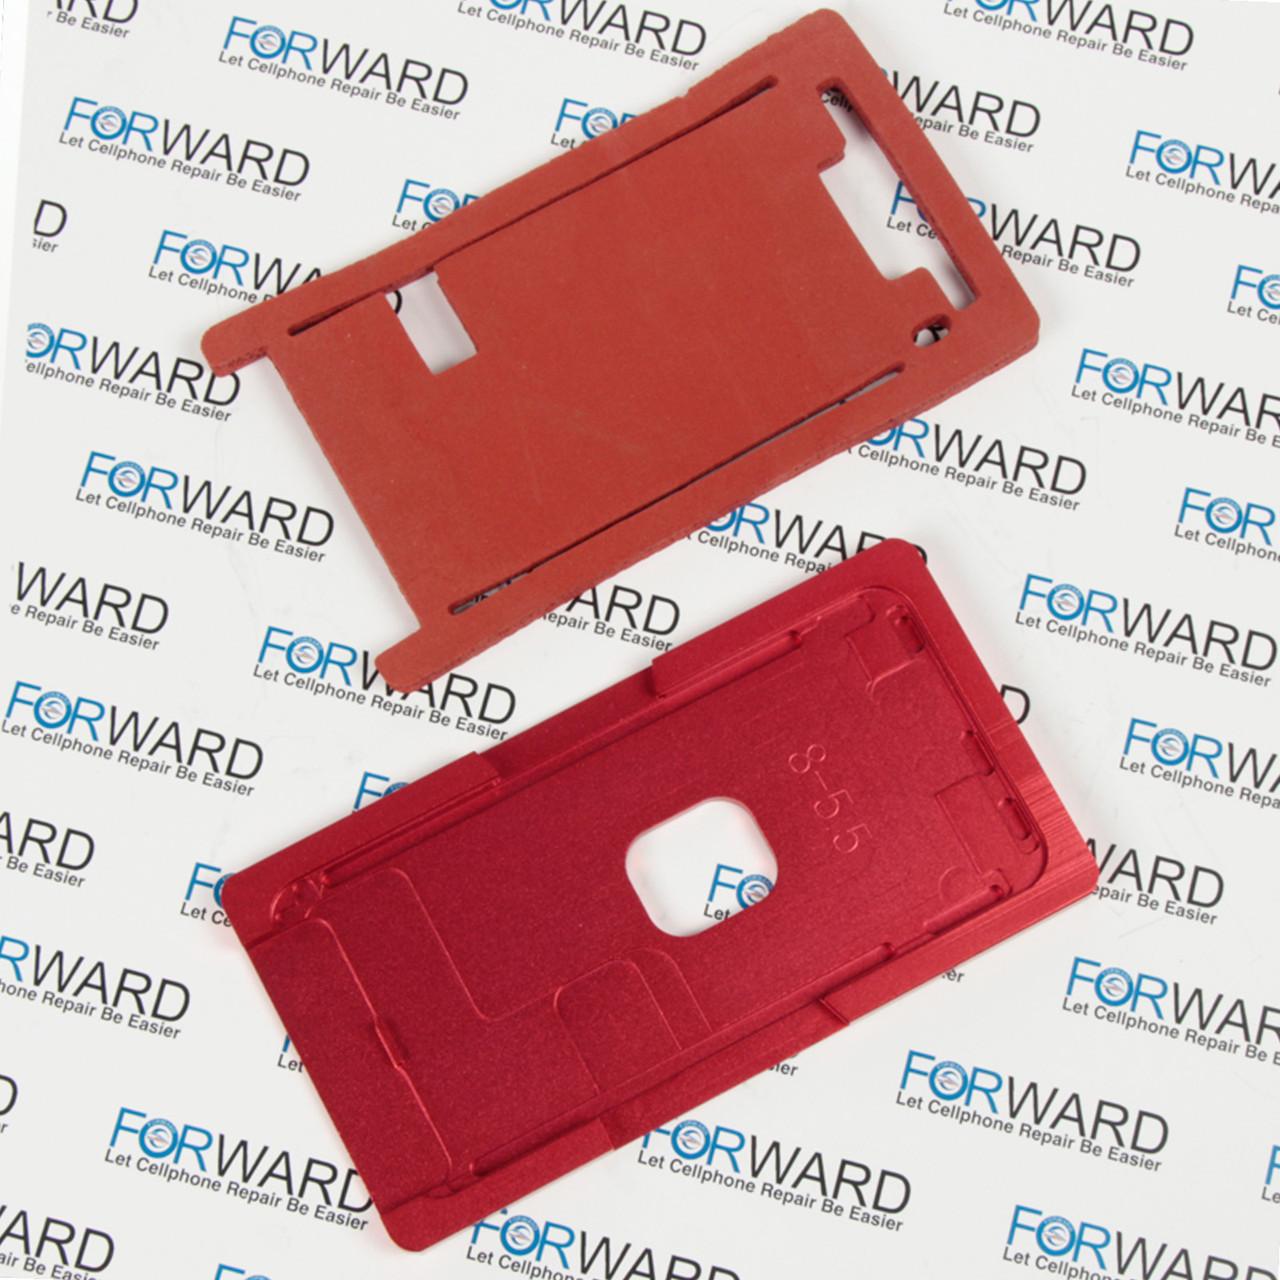 Формы для фиксации дисплея IPhone 8+ алюминиевая и резиновая